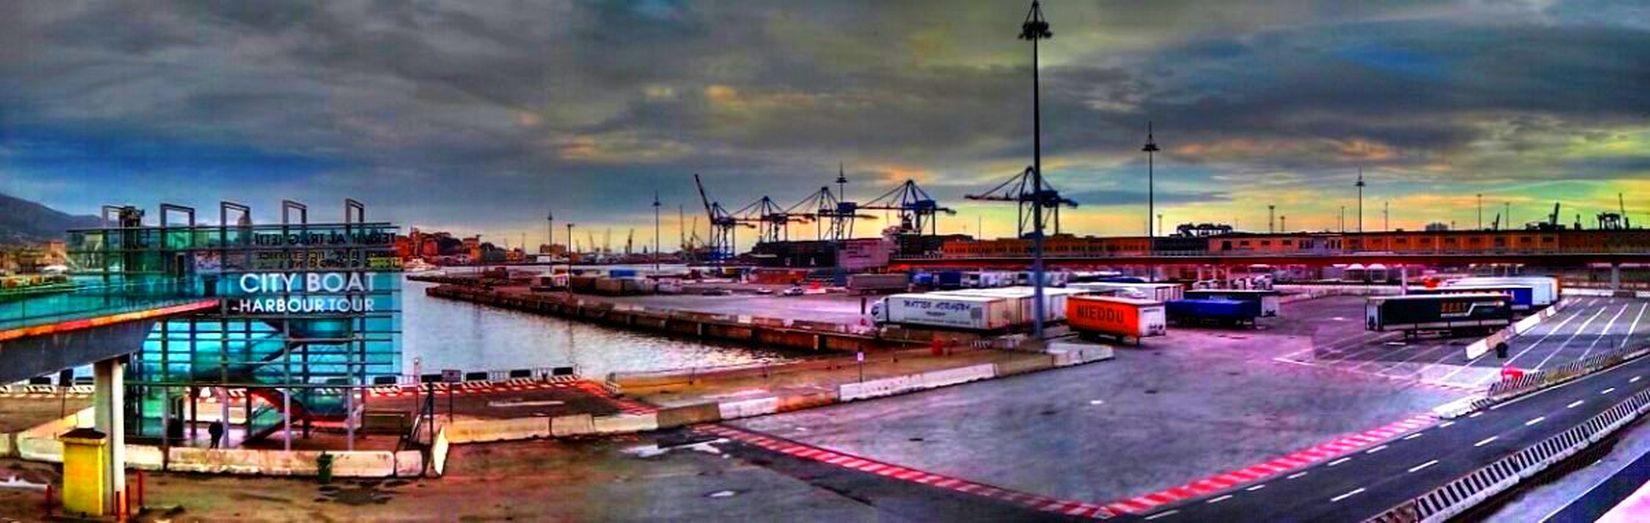 360 Panorama Hdr Edit Port City Boat